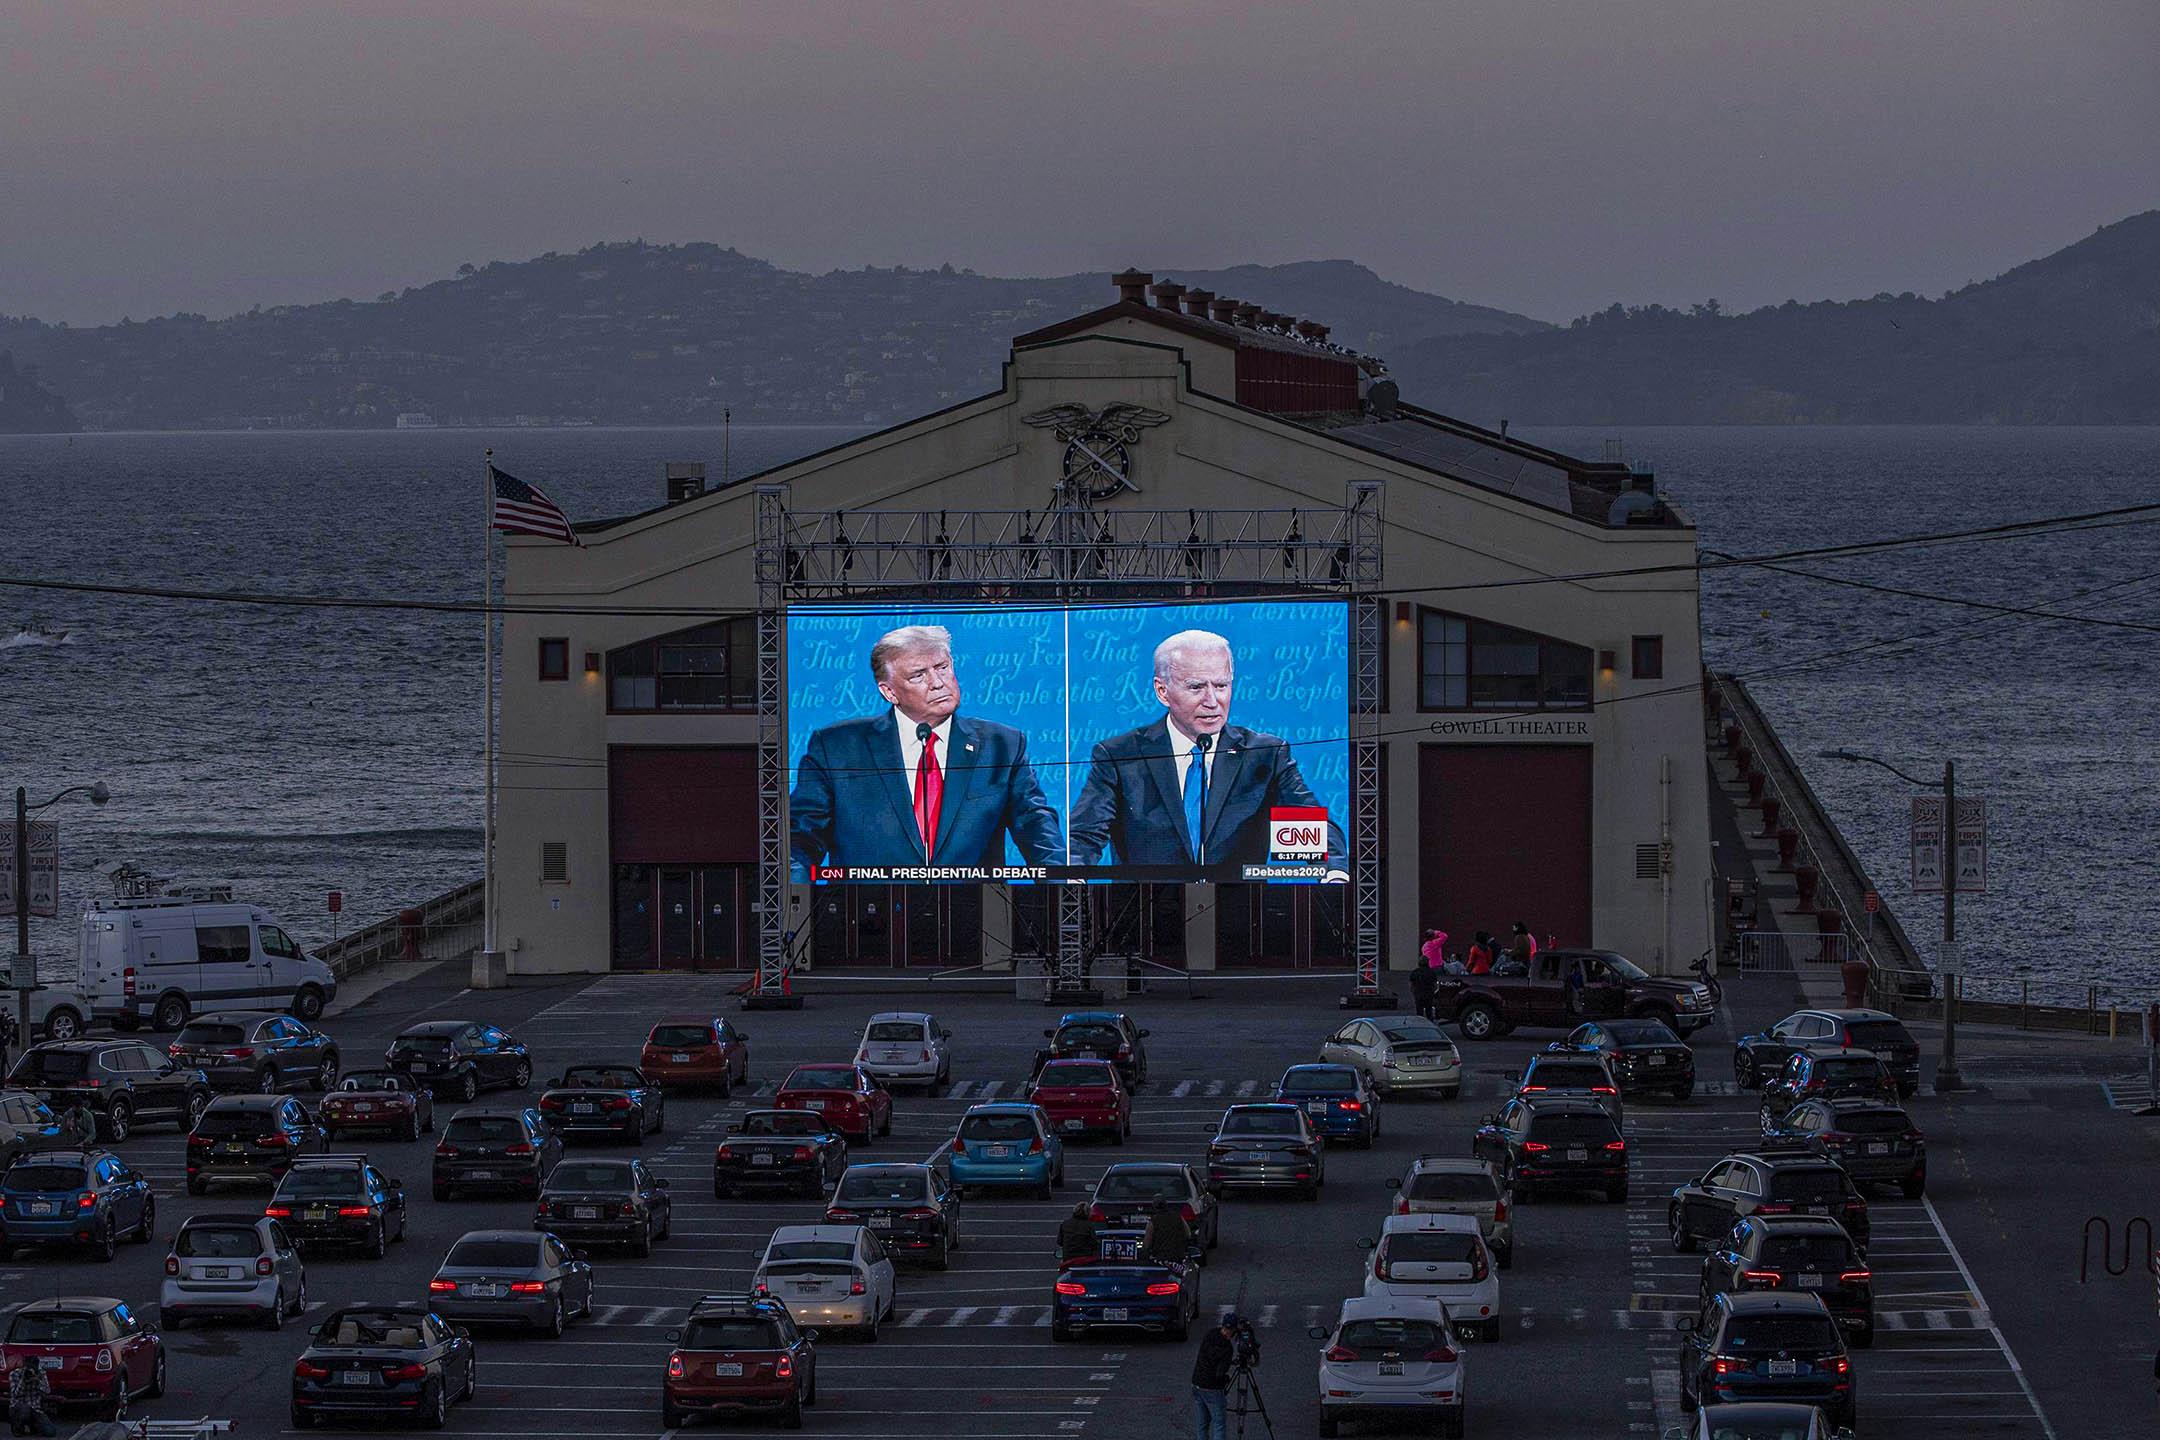 2020年10月22加利福尼亞州科威爾劇院外,市民在觀看特朗普總統與民主黨候選人喬·拜登的美國總統辯論。 攝:Liu Guanguan/China News Service via Getty Images